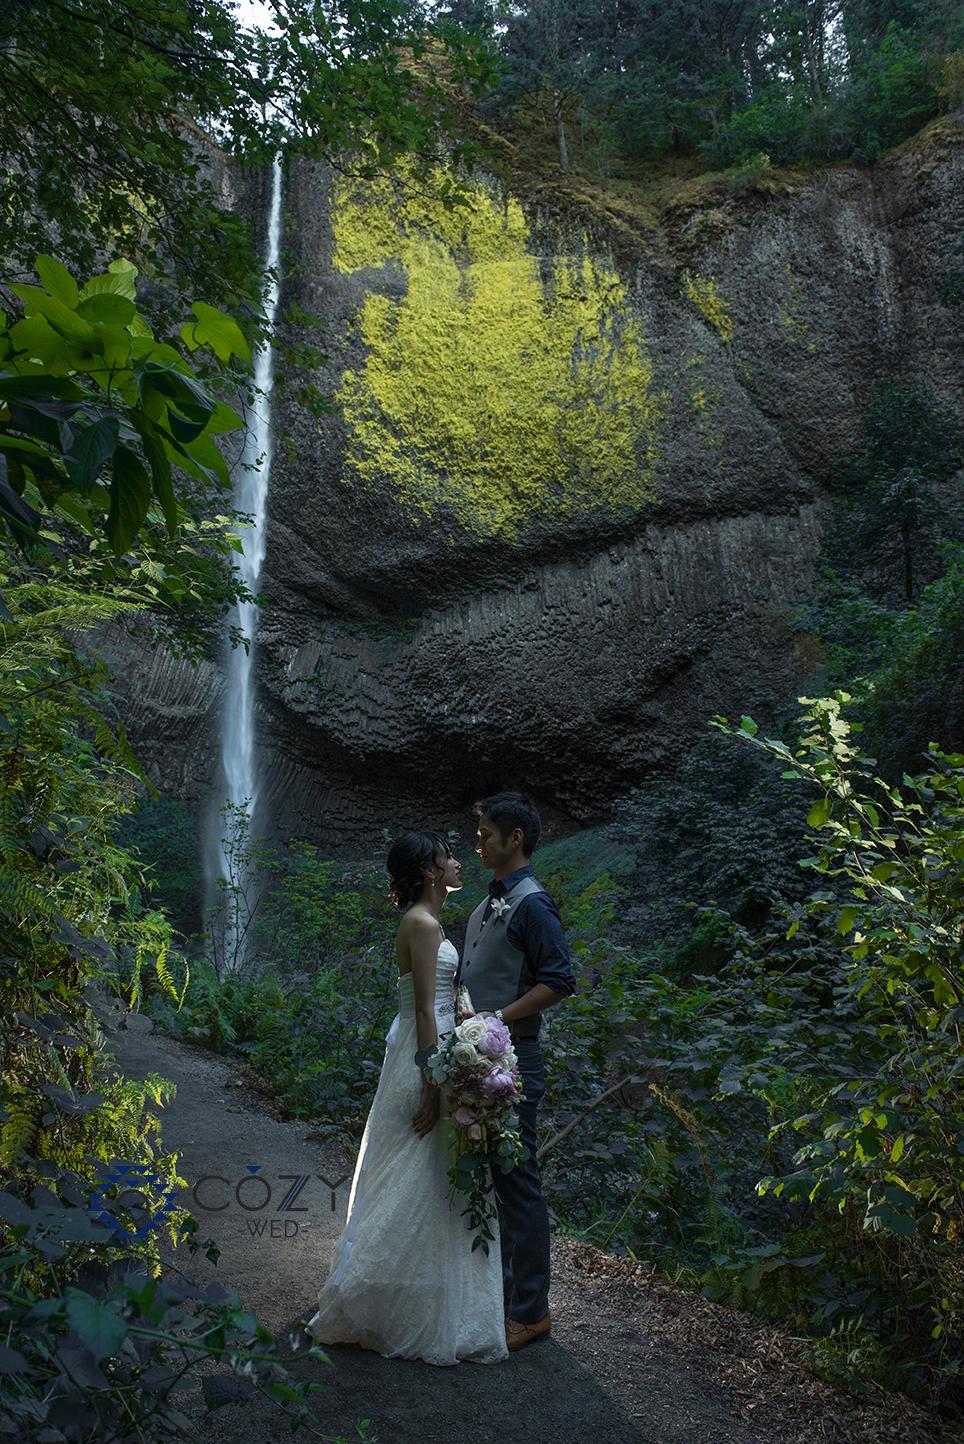 ポートランド‐オレゴン州-コロンビア渓谷-ポートランド旅行-ハネムーン-西海岸-マルトノマ-滝